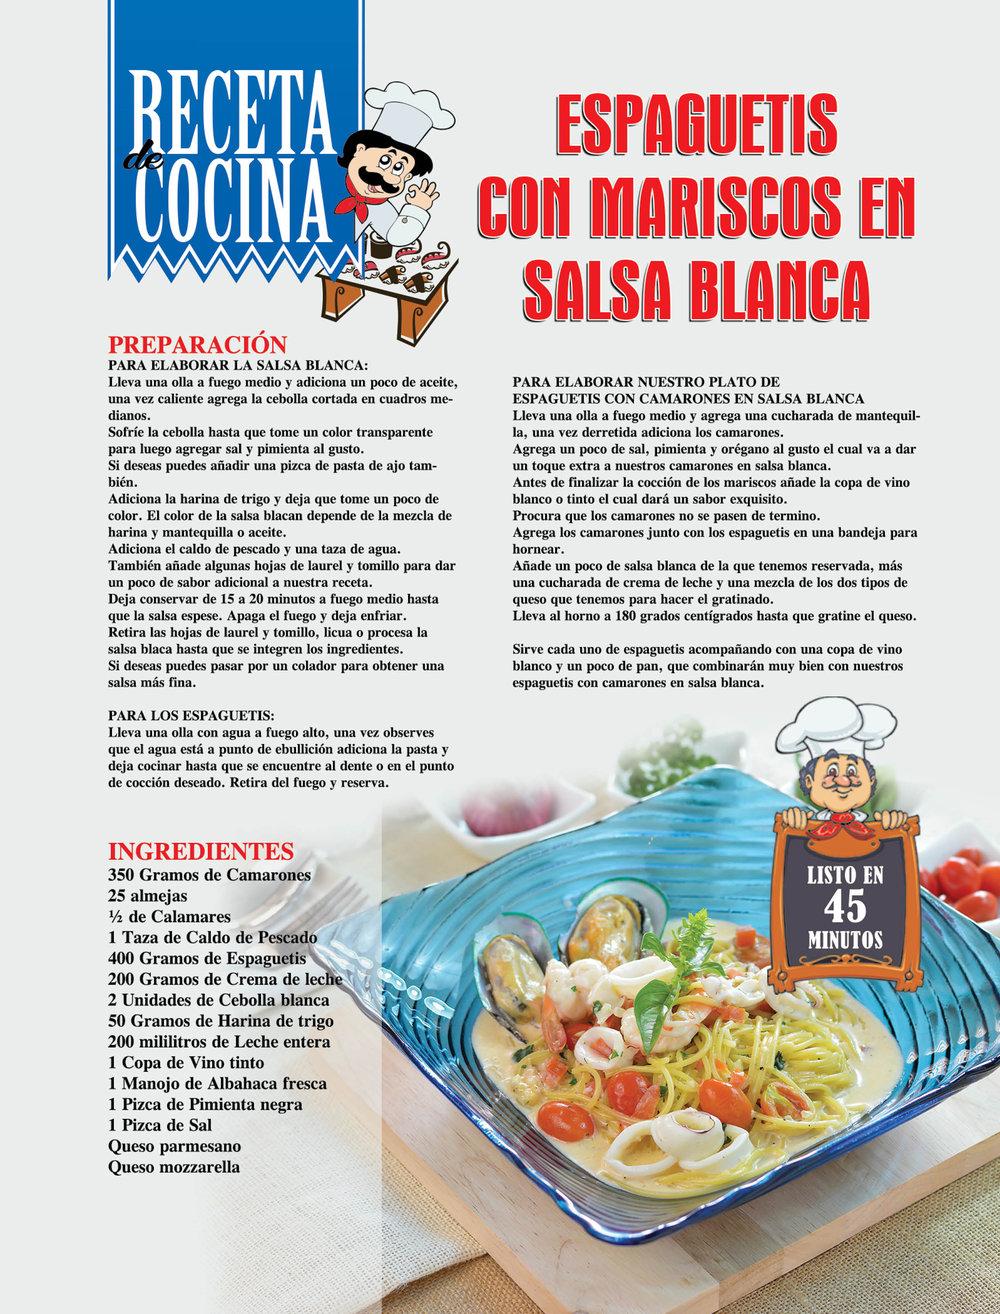 Receta Cocina - Agosto 2018.jpg